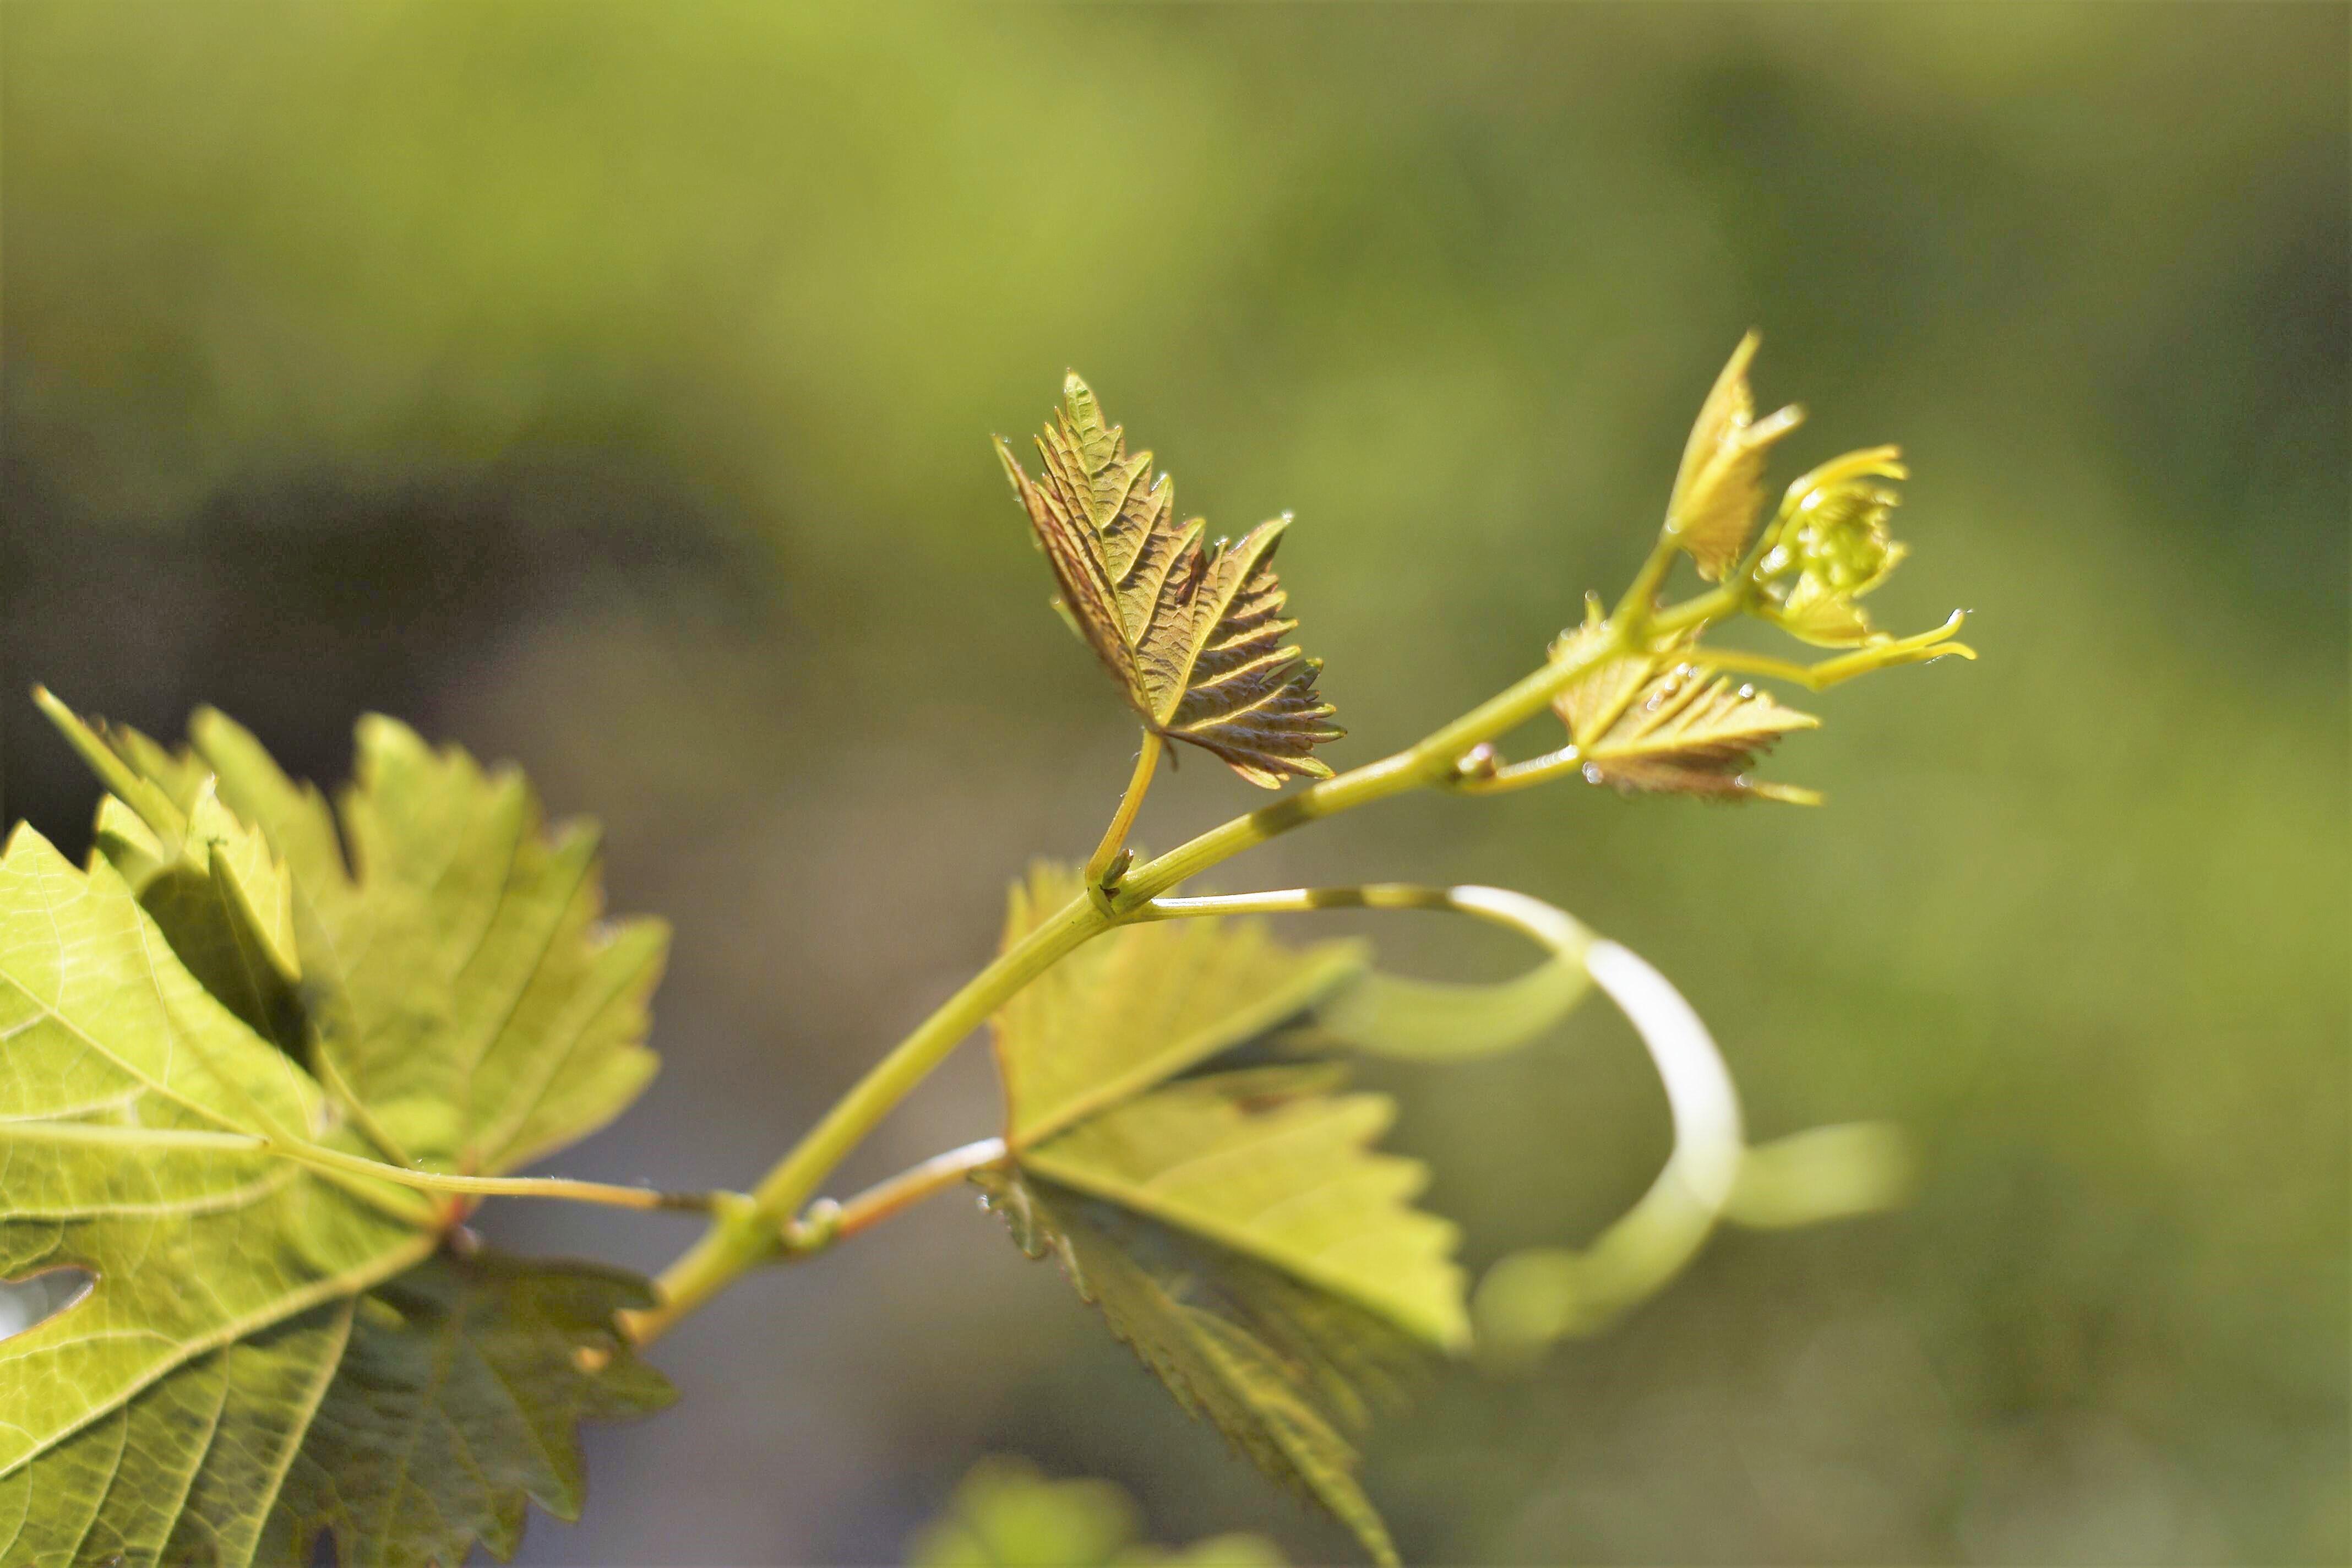 regionale kennismakingsdagen leergemeenschap waarderende gemeenteopbouw jan hendriks goede wijn PKN RKK NGK Quist kerkadvies raadgervers